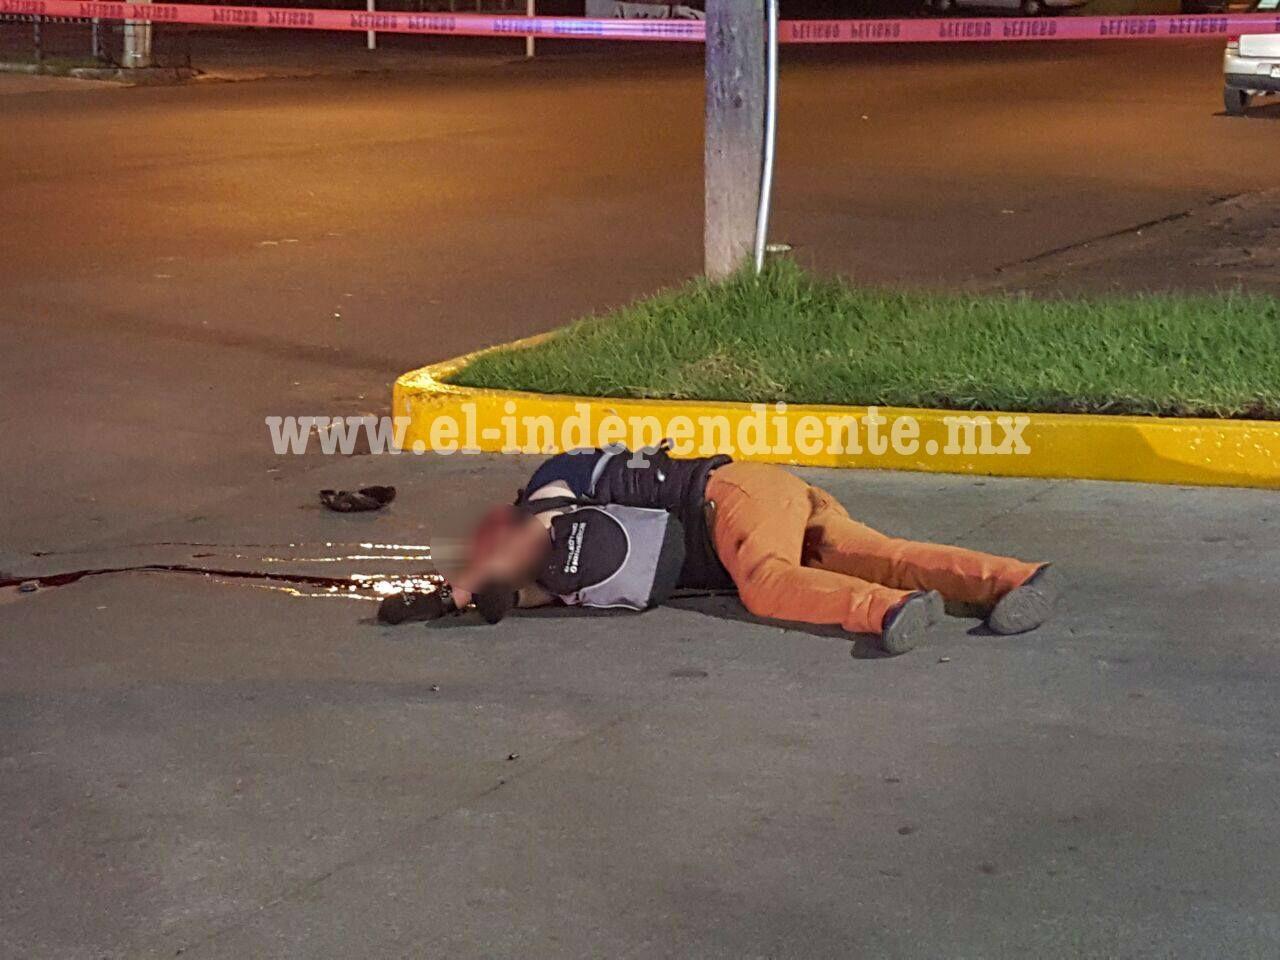 A balazos ultiman a un hombre en Zamora